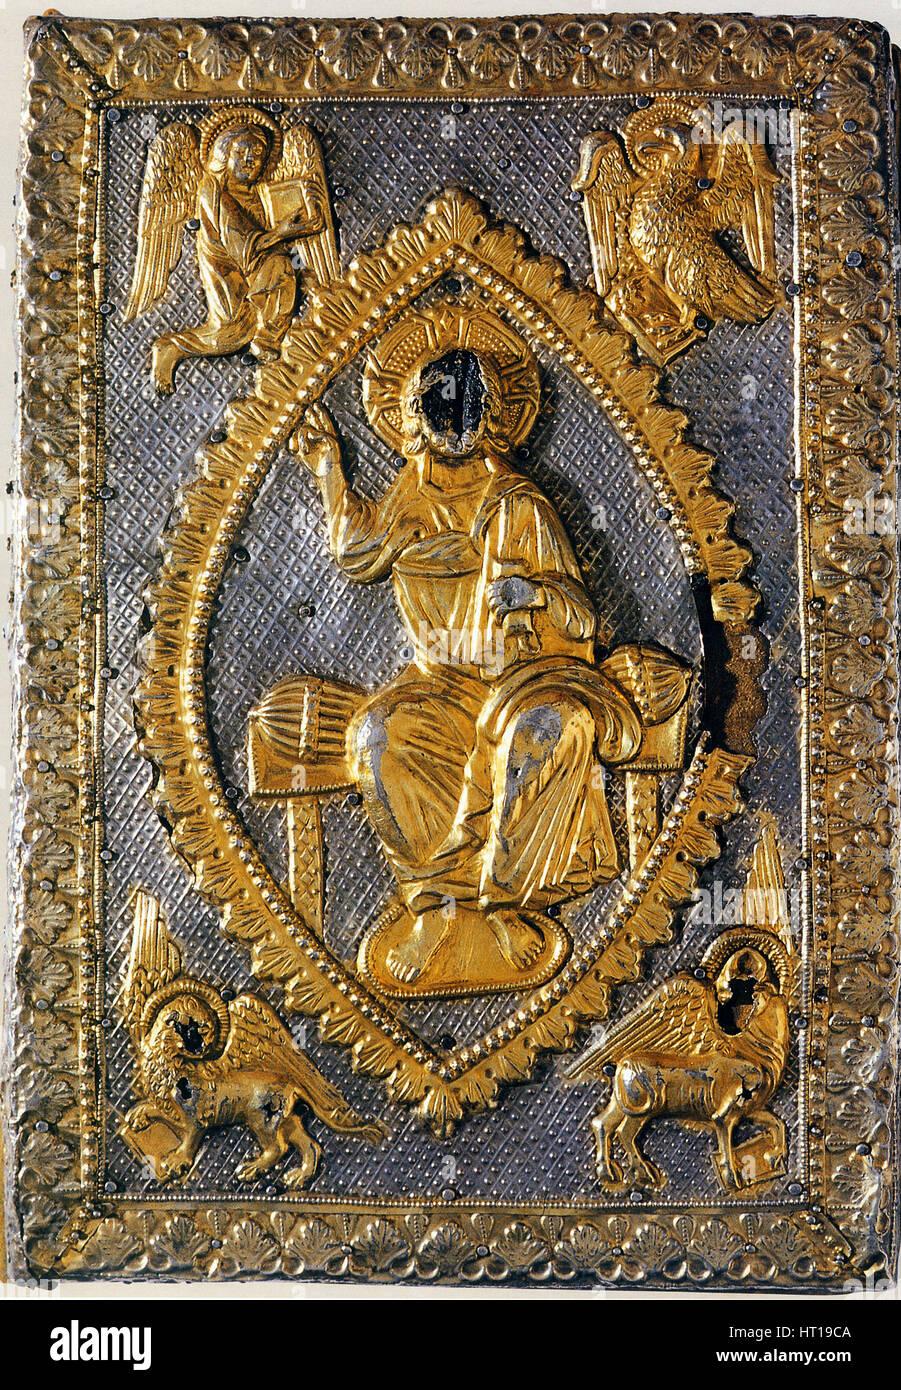 Die Evangelien Buch von Matilda von Canossa, 11. Jahrhundert. Künstler: West Europa angewandte Kunst Stockbild